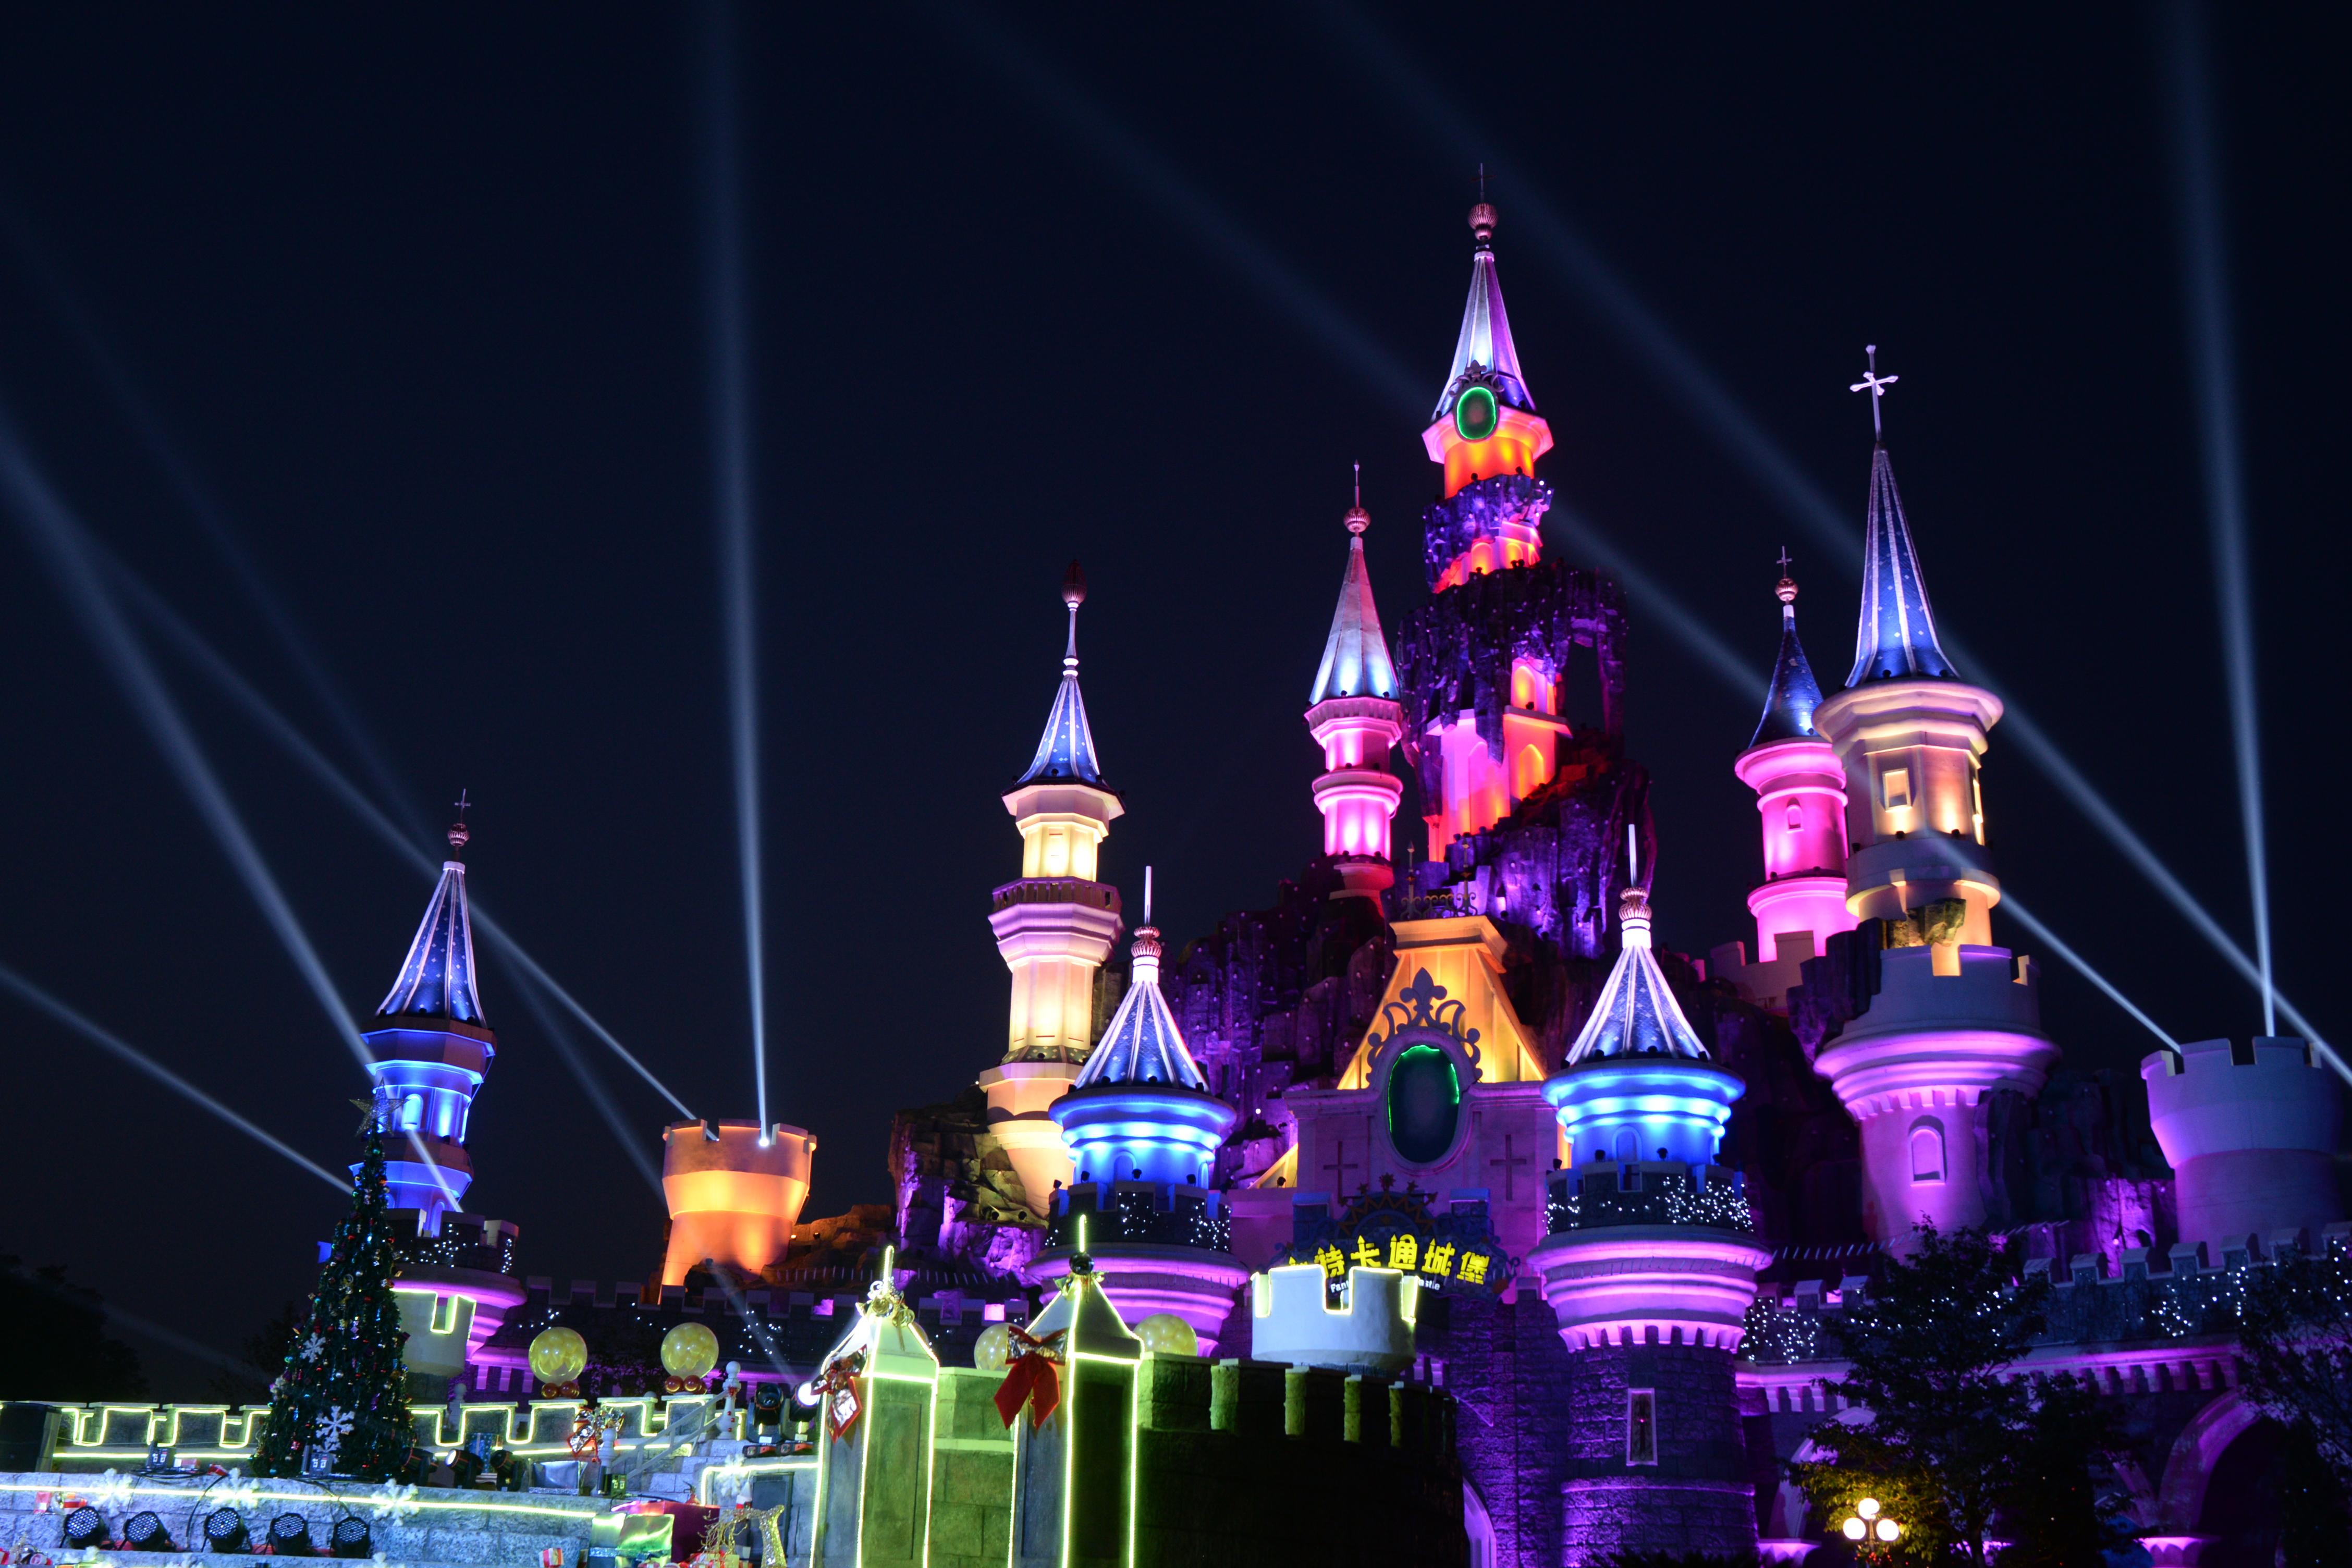 Wuhu Fantawild Dream Kingdom Admission Ticket